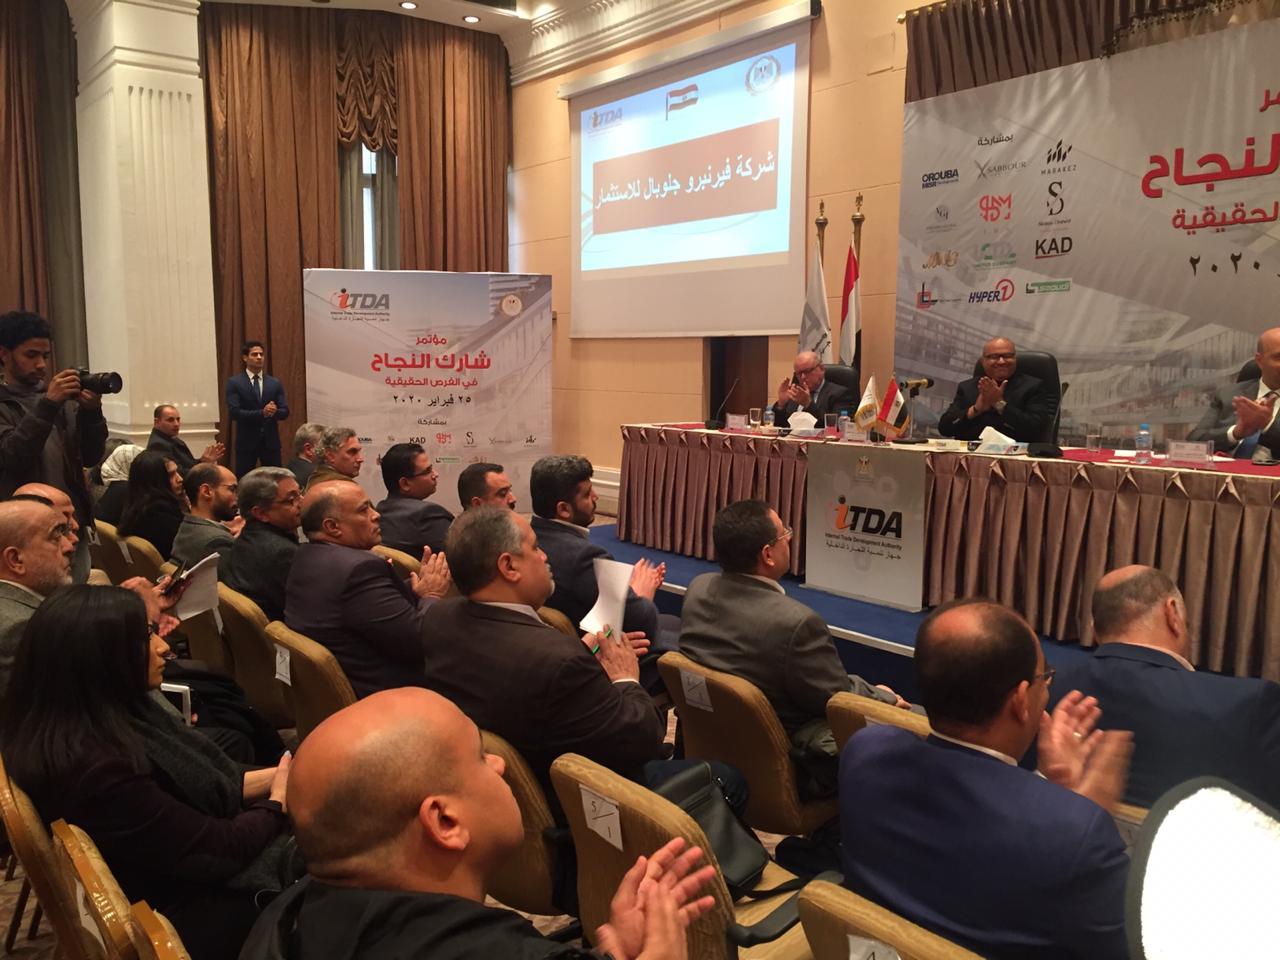 المؤتمر الصحفى لجهاز تنمية التجارة الداخلية بوزارة التموين  (4)